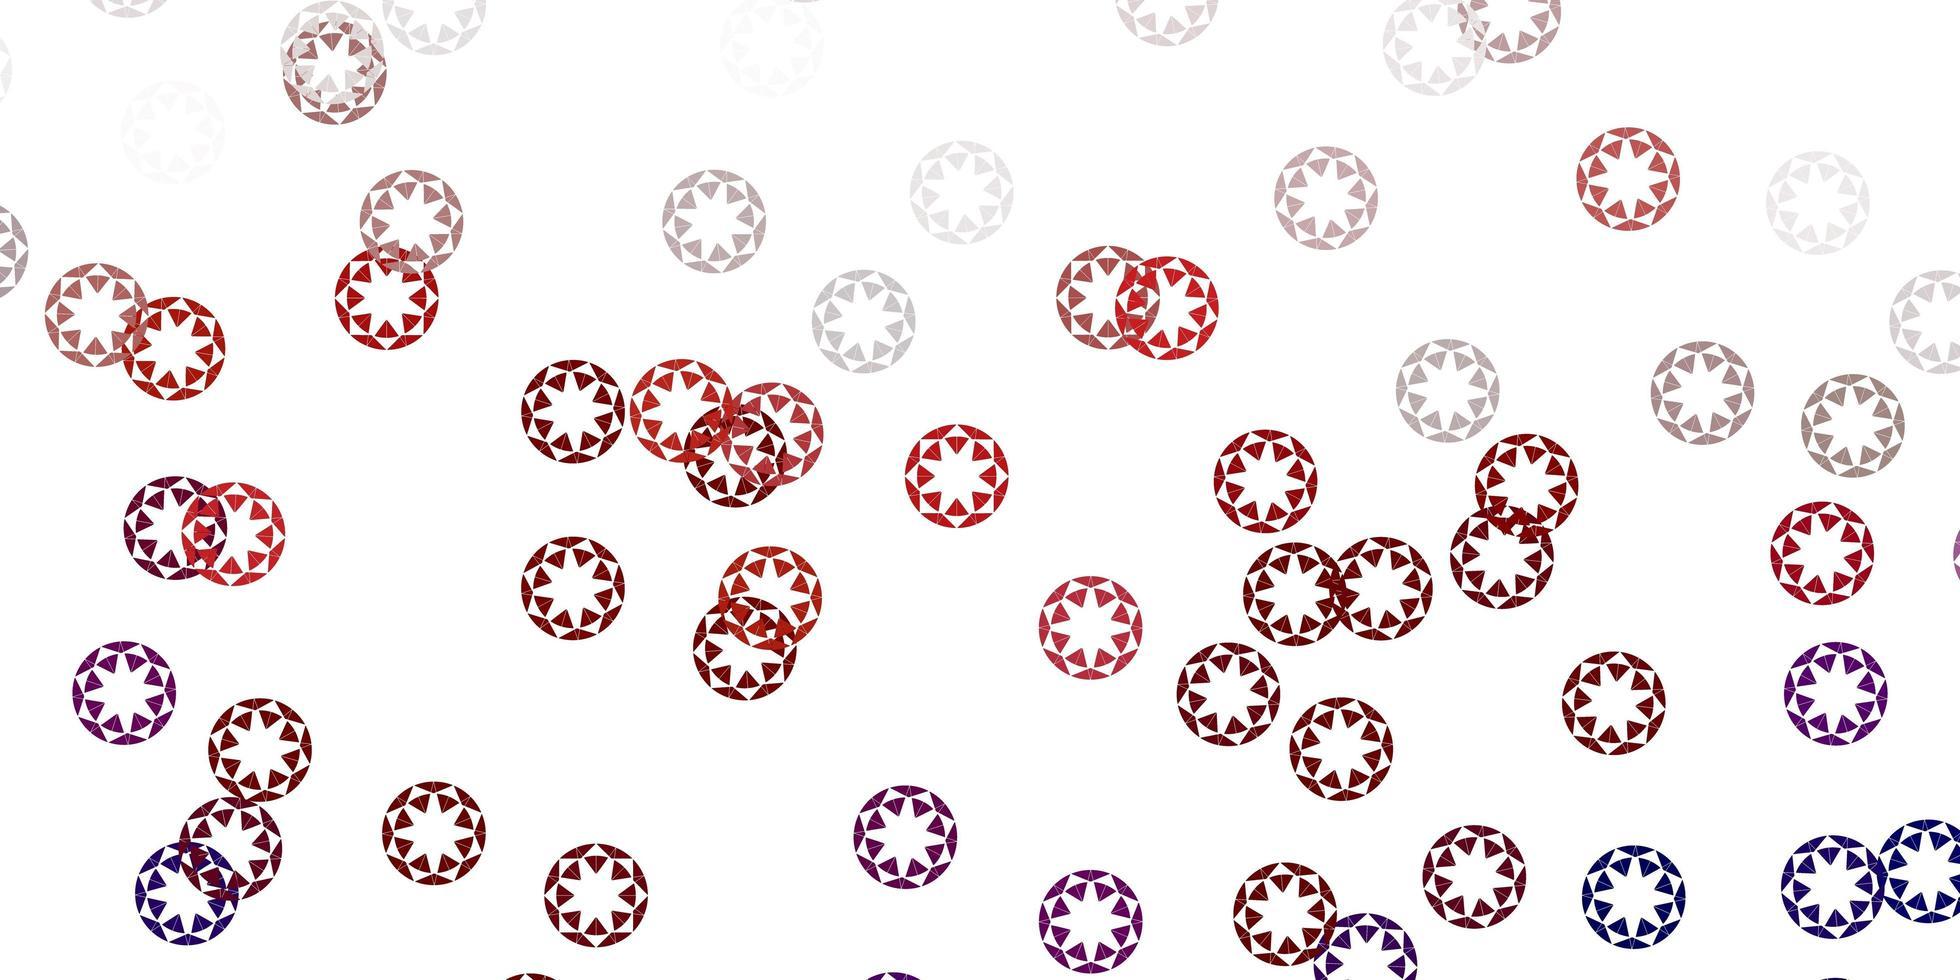 padrão de vetor vermelho claro com esferas.